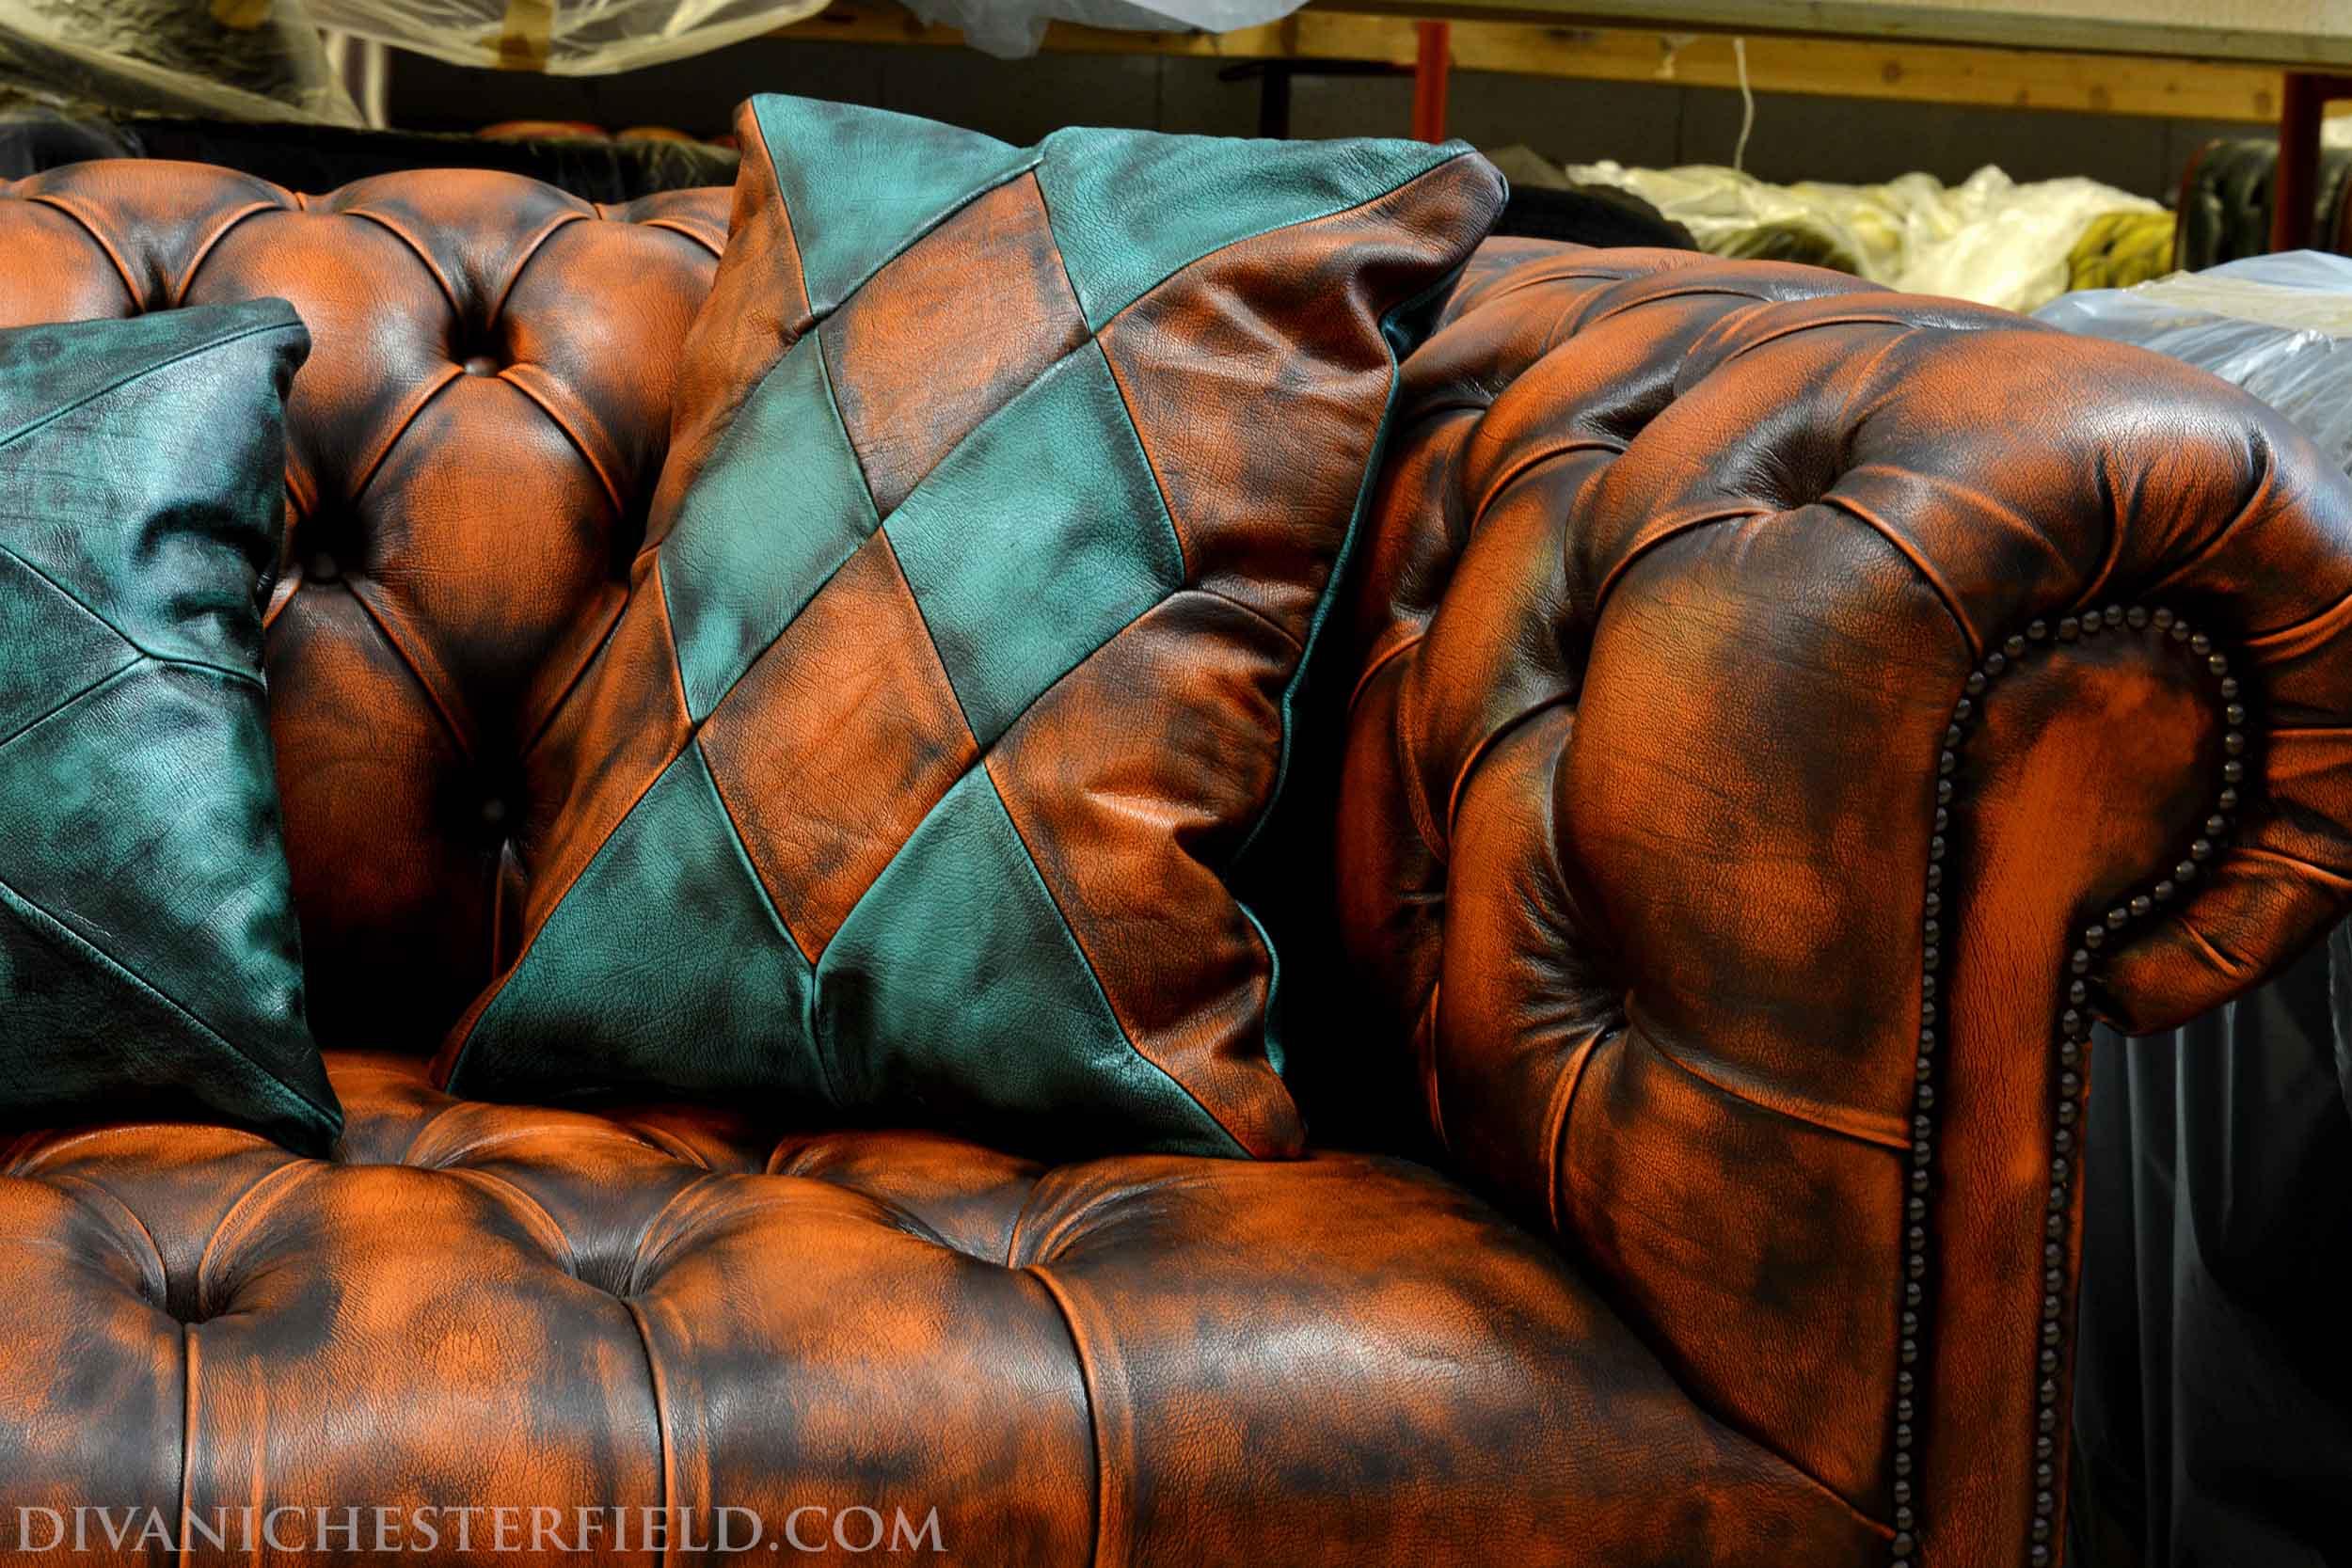 Fabbrica divani chester su misura nuovi made in england for Fabbrica divani